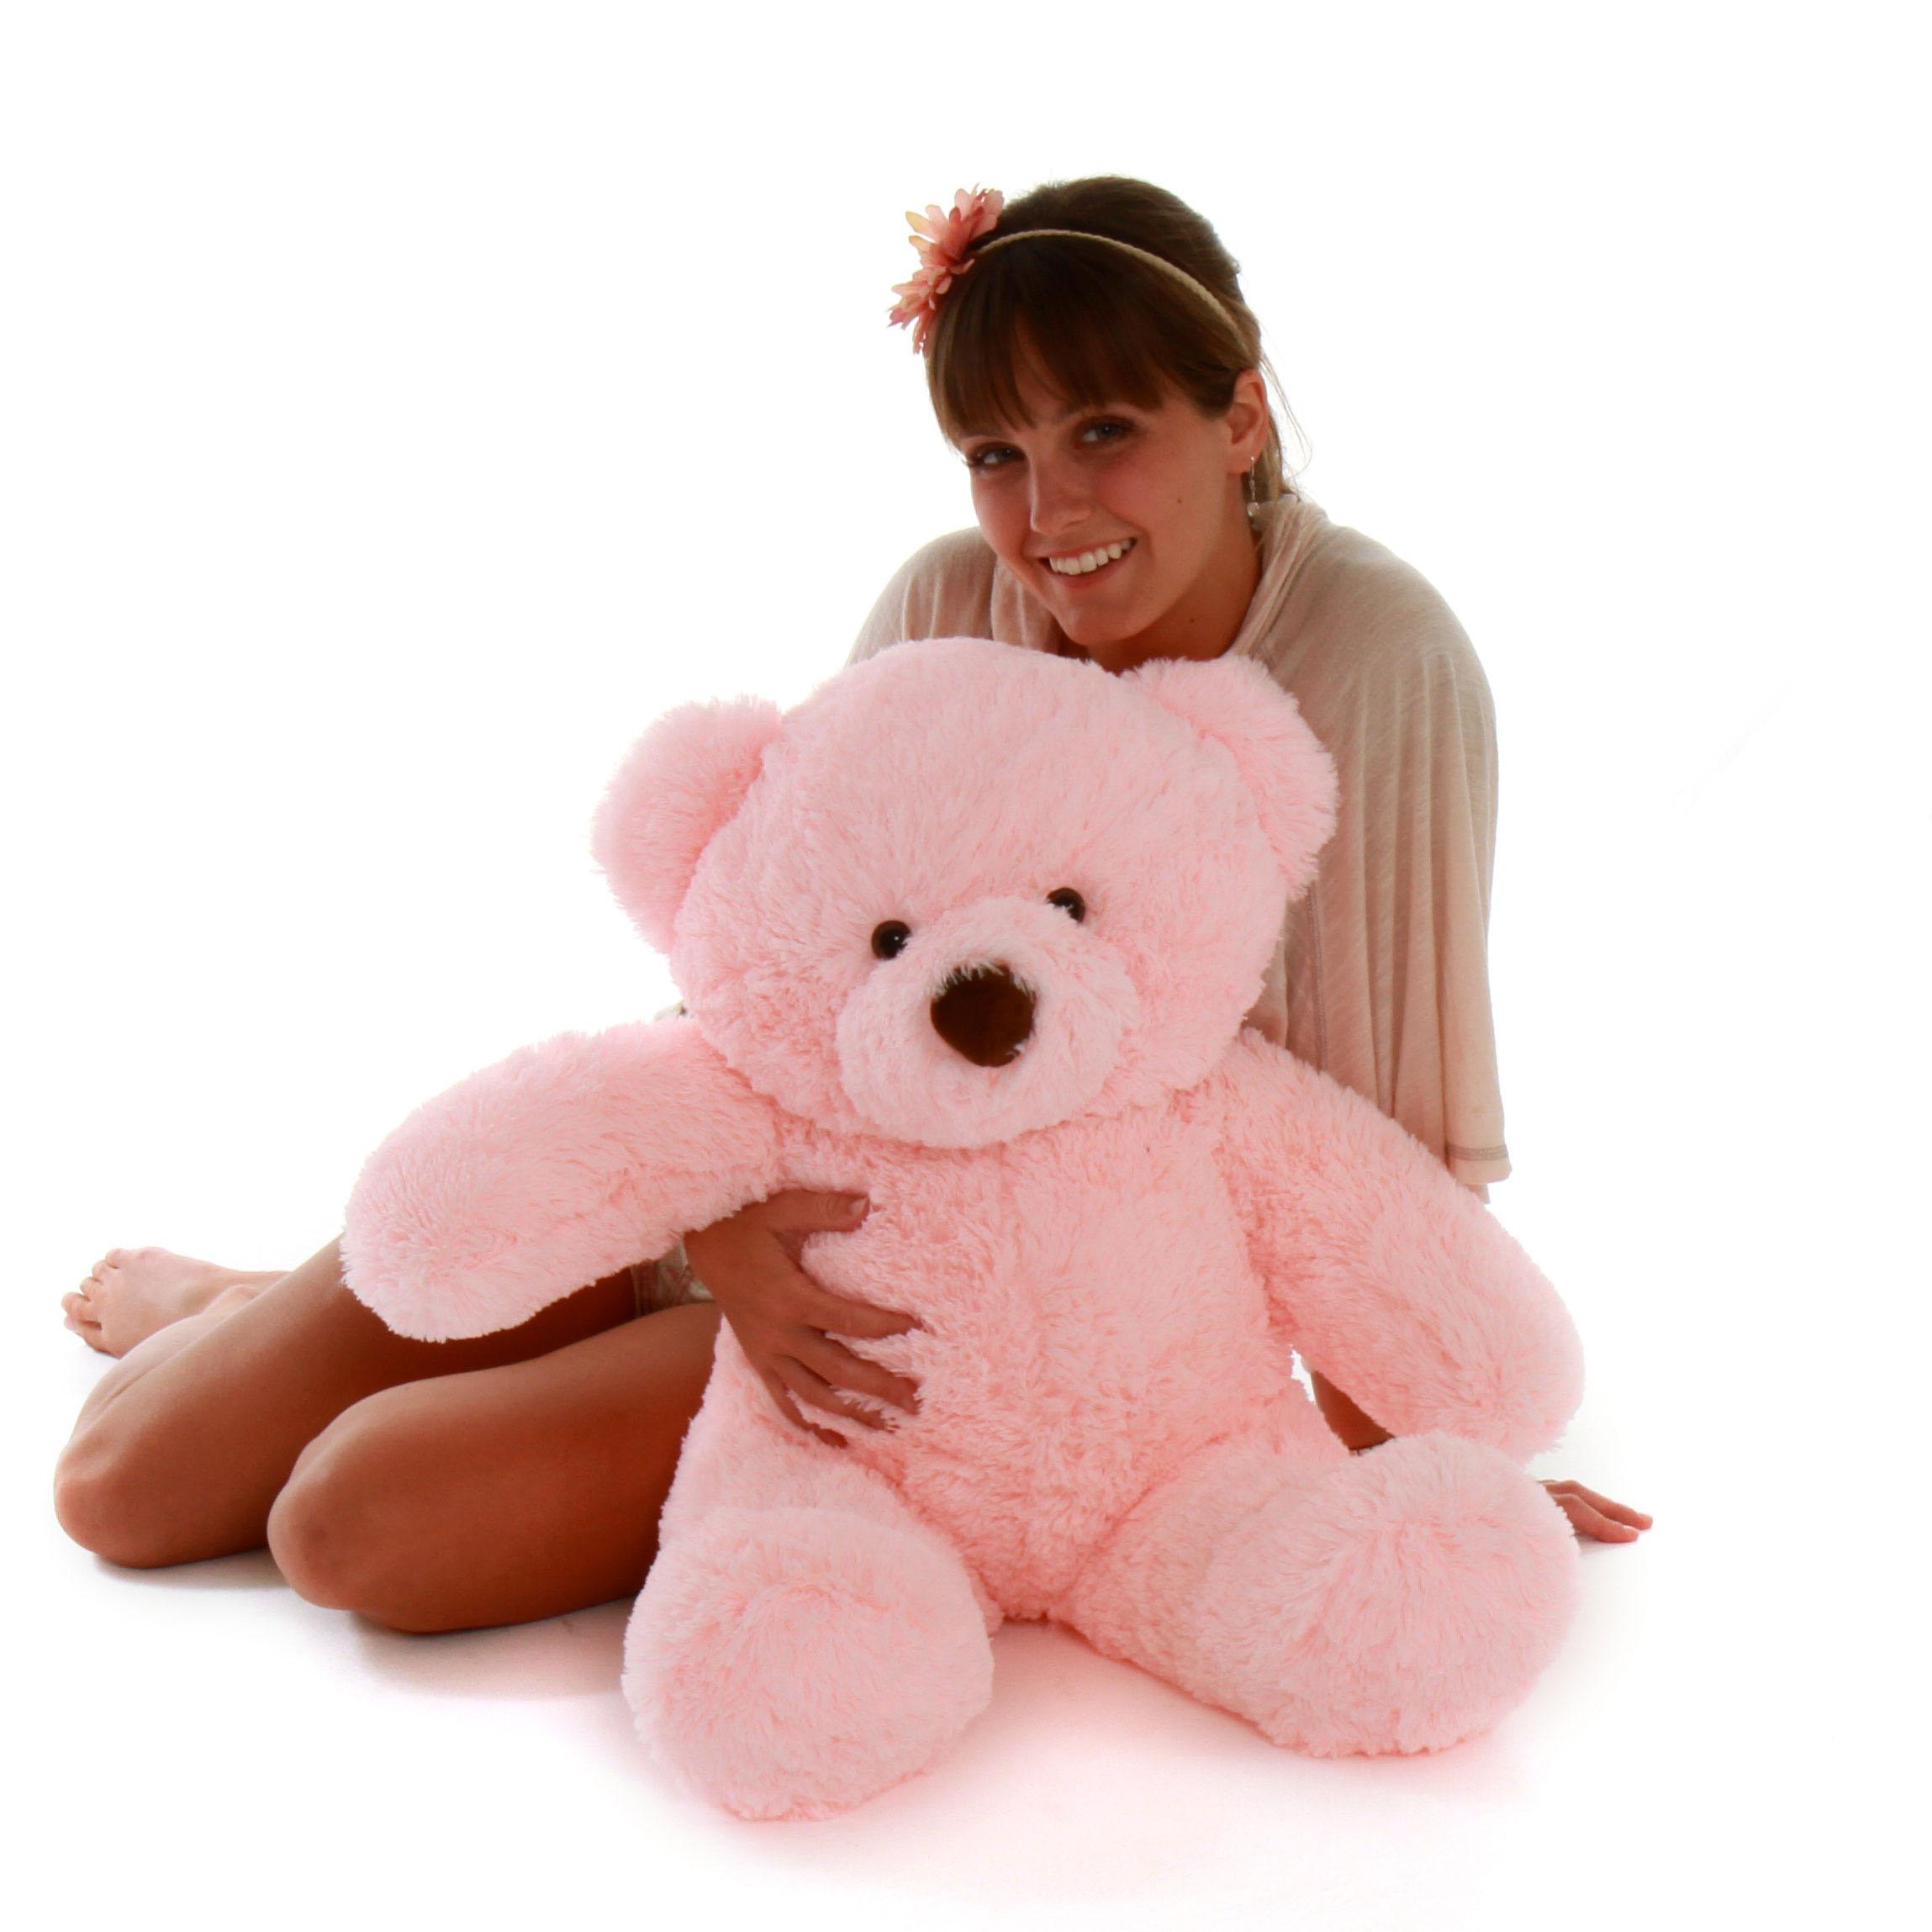 gigi-chubs-light-rose-30in-us-made-giant-teddy-super-adorable-resized.jpg